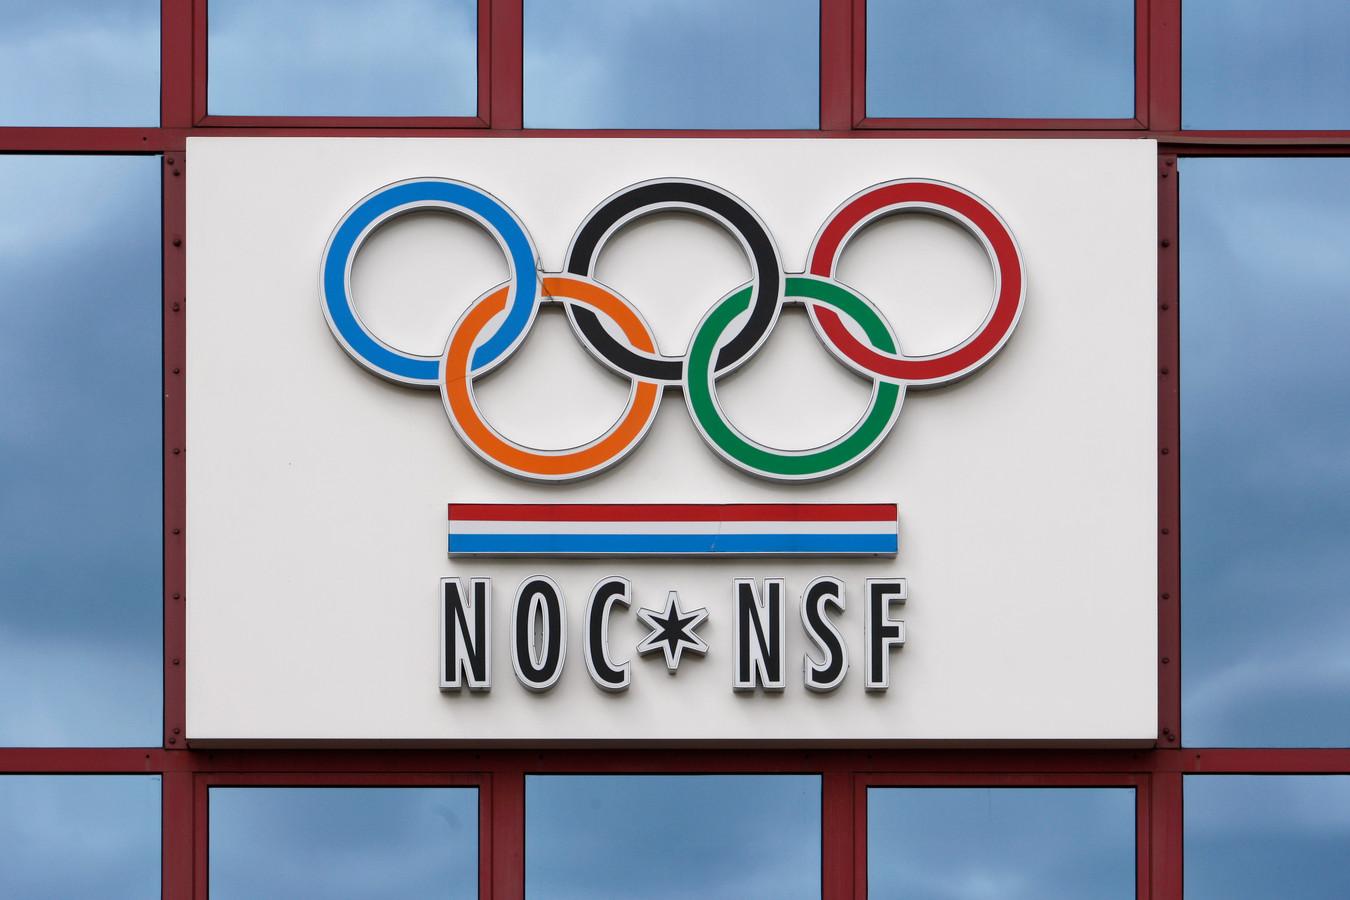 NOC*NSF.